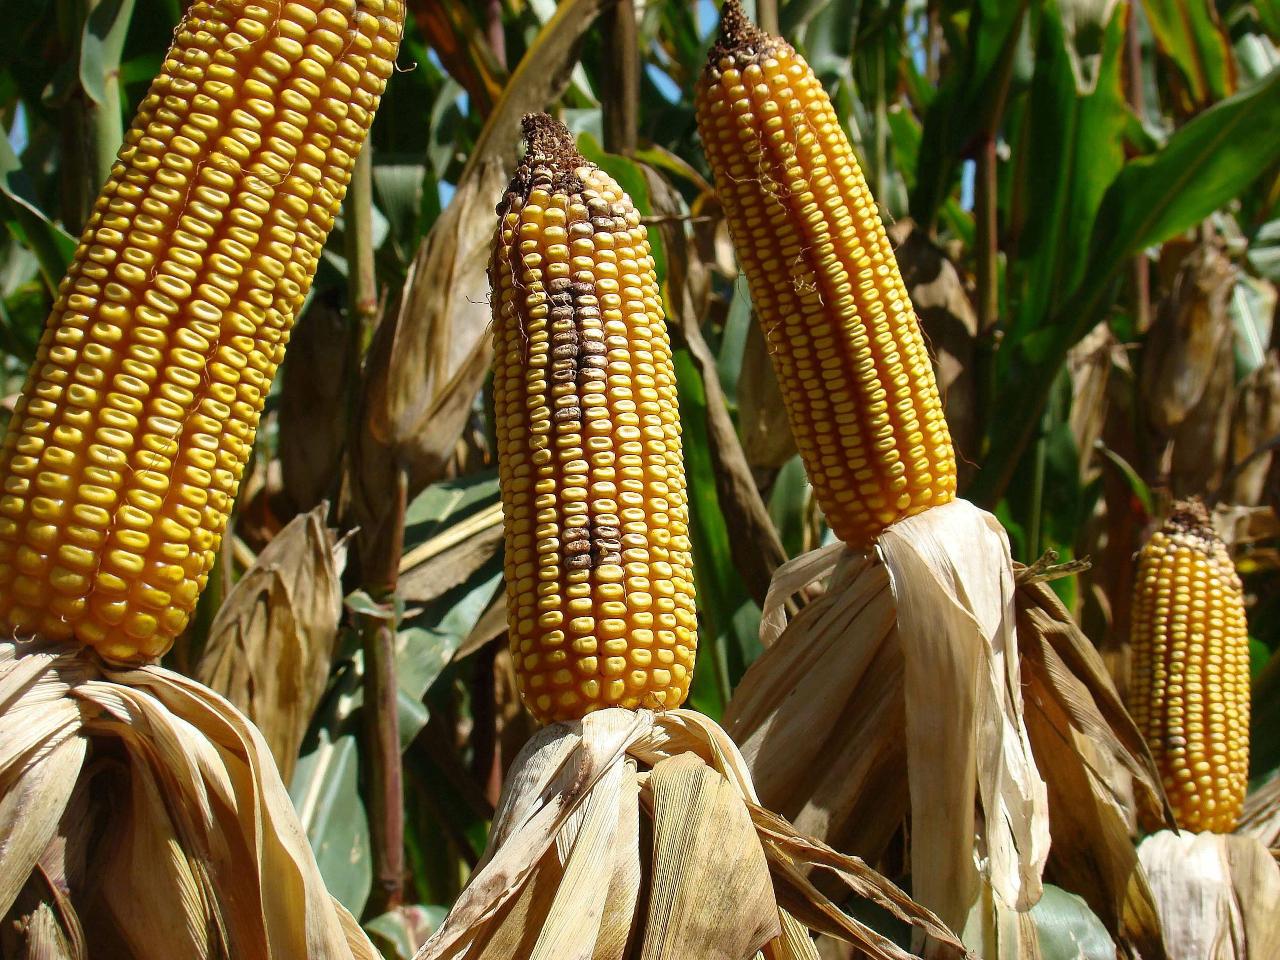 La SCJN niega amparos a trasnacionales para sembrar maíz transgénico